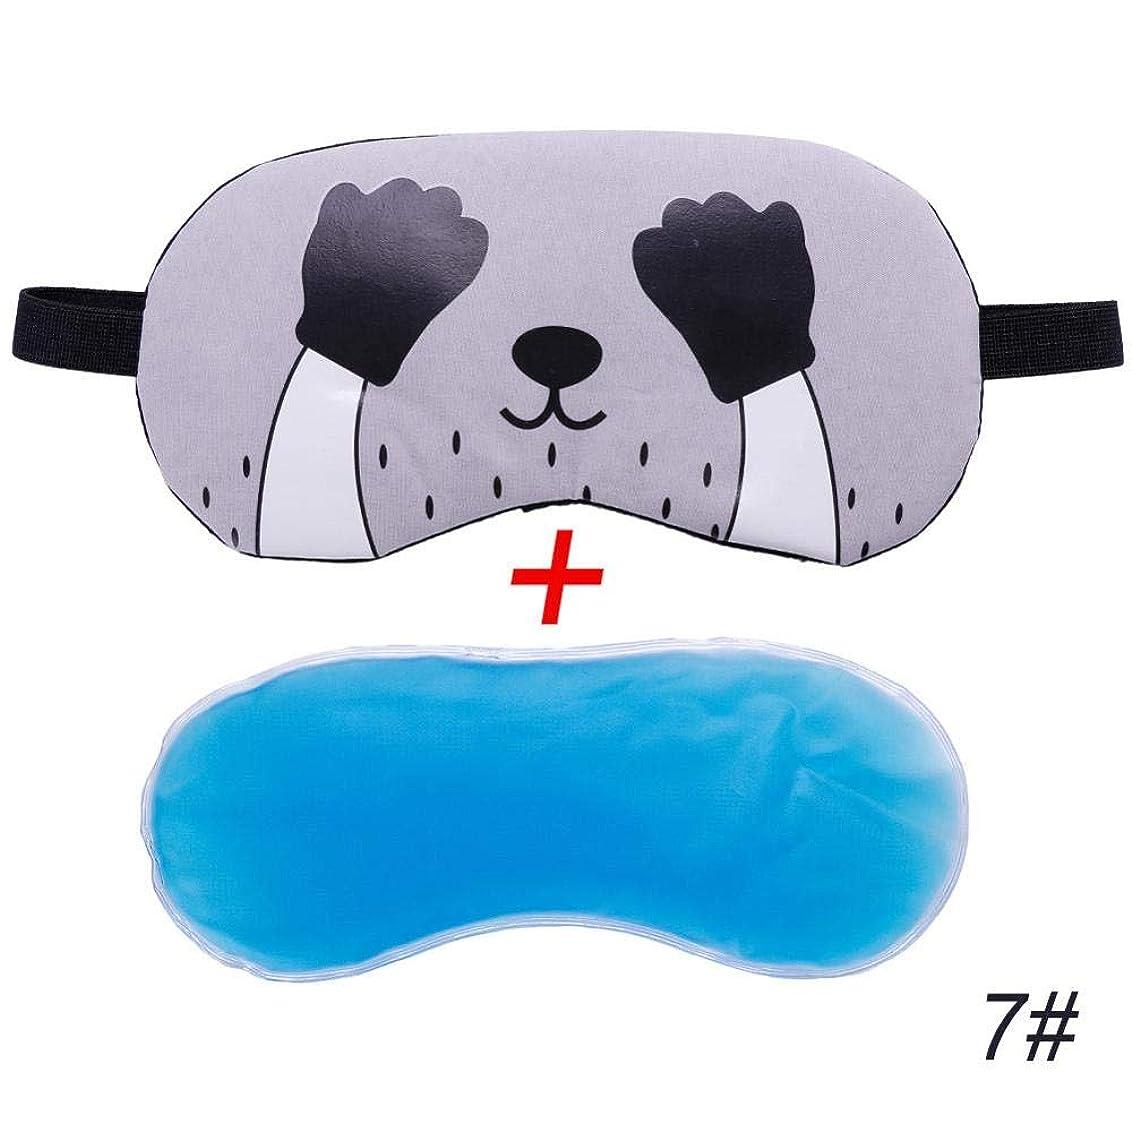 キャンパス死の顎不十分なNOTE かわいい猫漫画ソフトアイ睡眠援助マスク付き快適なアイスジェル旅行残りアイシェードカバー目隠しアイケアツール#280205